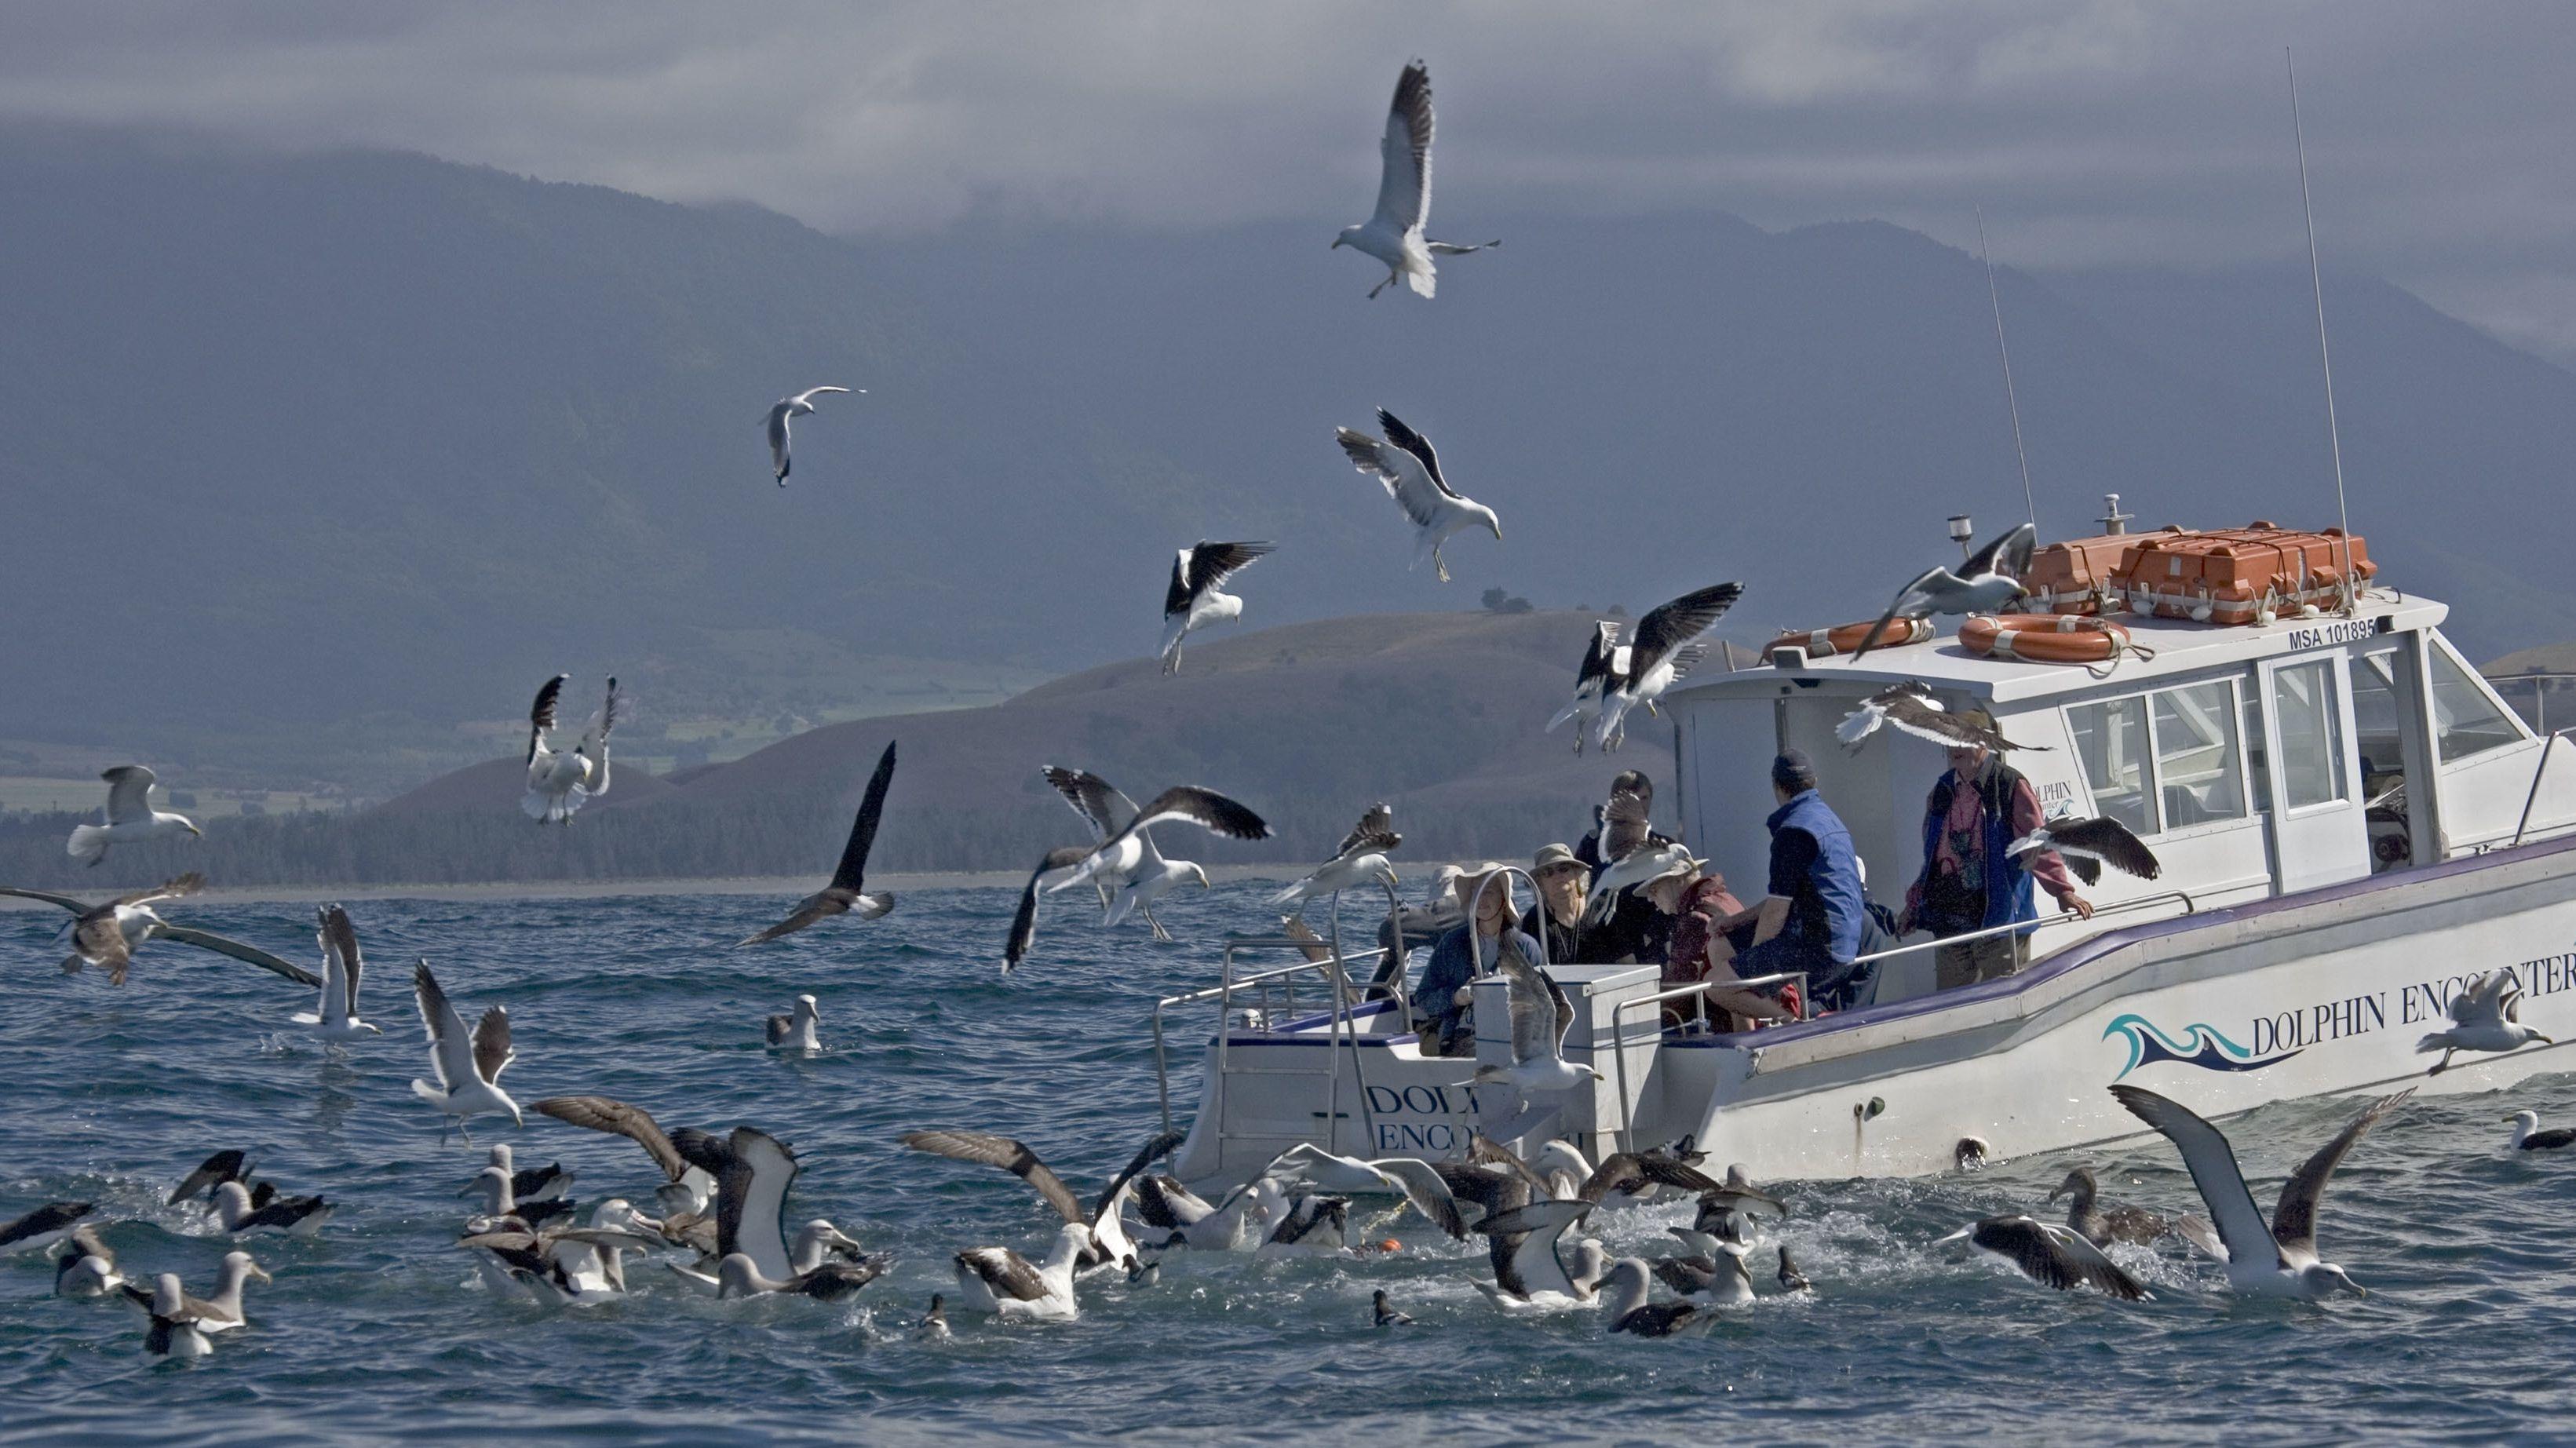 """Albatrosse bei einem Boot voller Touristen. Der Öko-Tourismus profitiert vom gleichen Phänomen wie die Jagd nach illegalen Fischern: Albatrosse werden von fischenden Booten """"magisch"""" angezogen, oft über weite Entfernungen."""